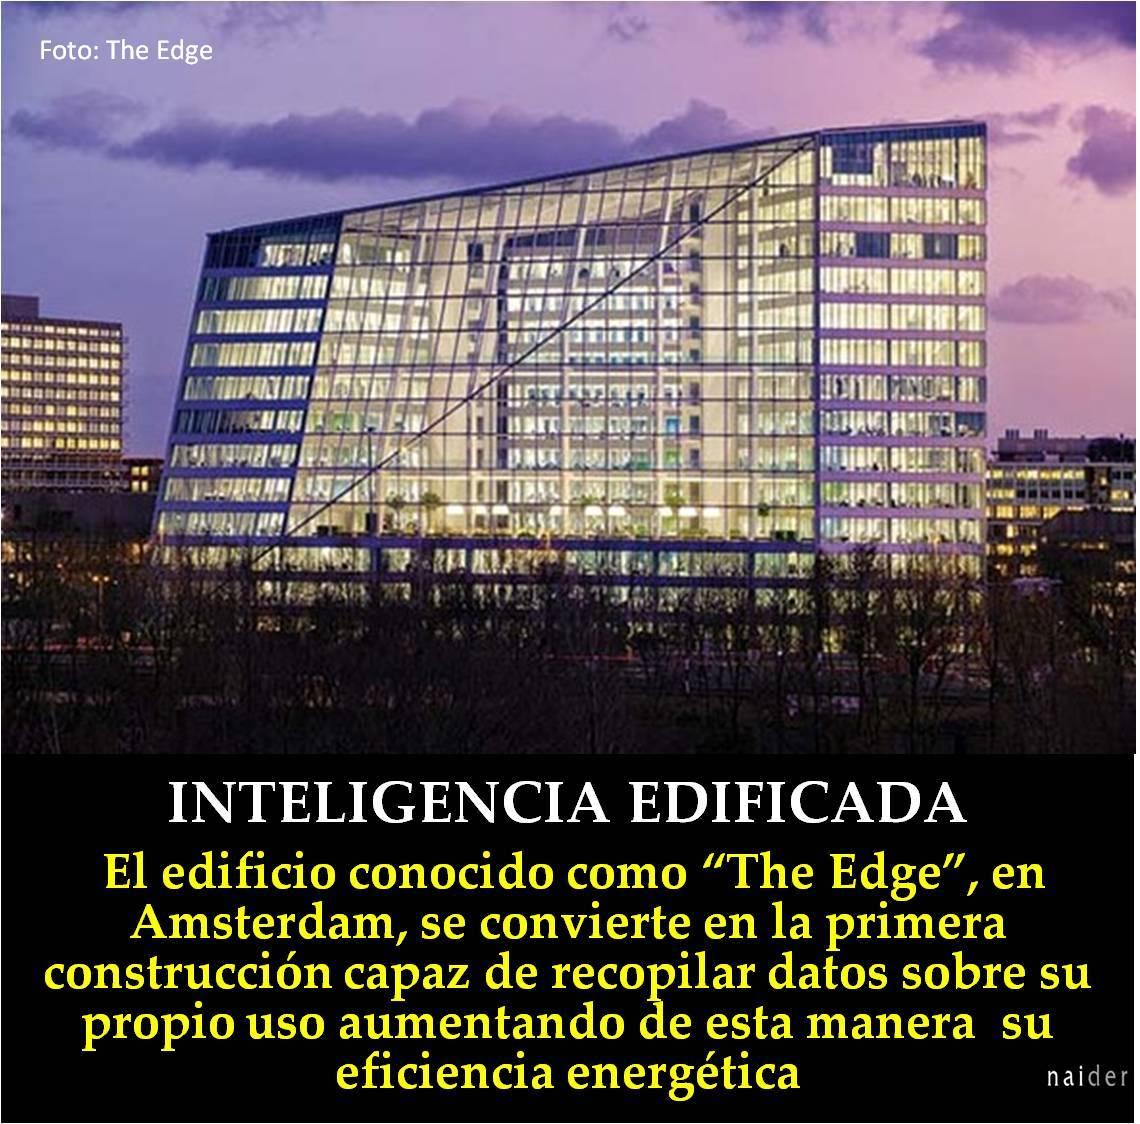 Inteligencia edificada buan